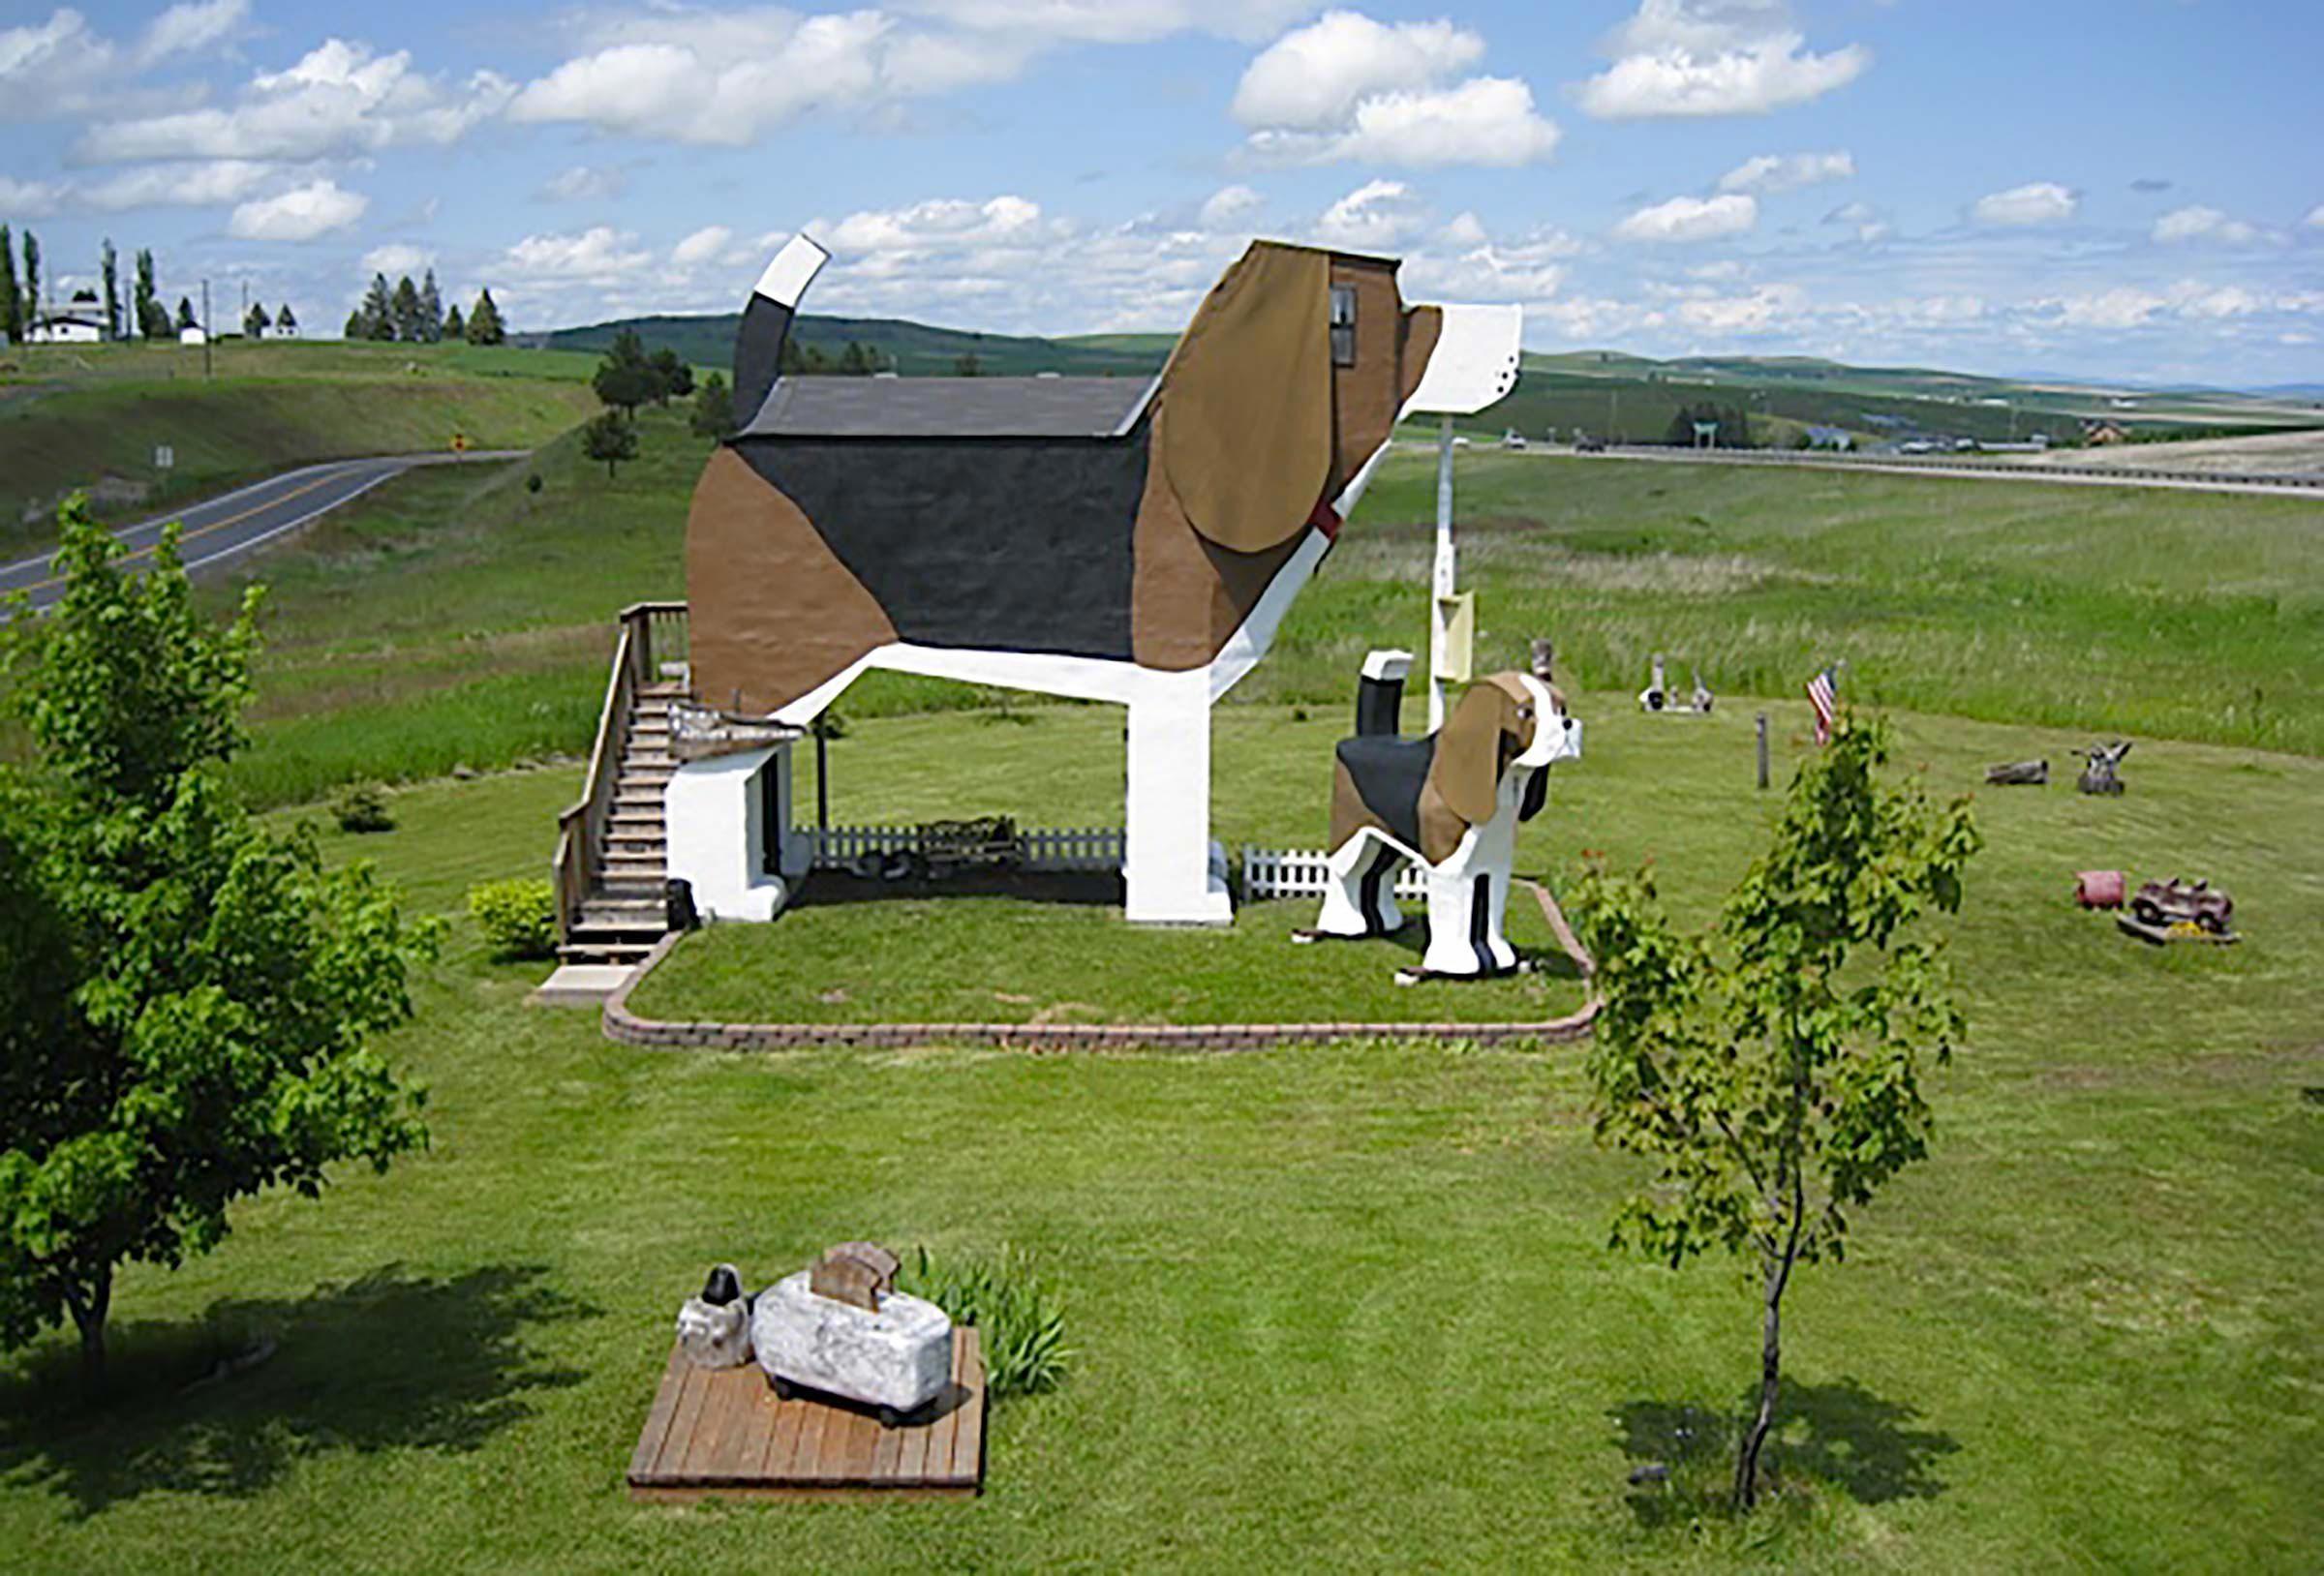 Séjour insolite à l'auberge Dog Bark Park dans l'Idaho.